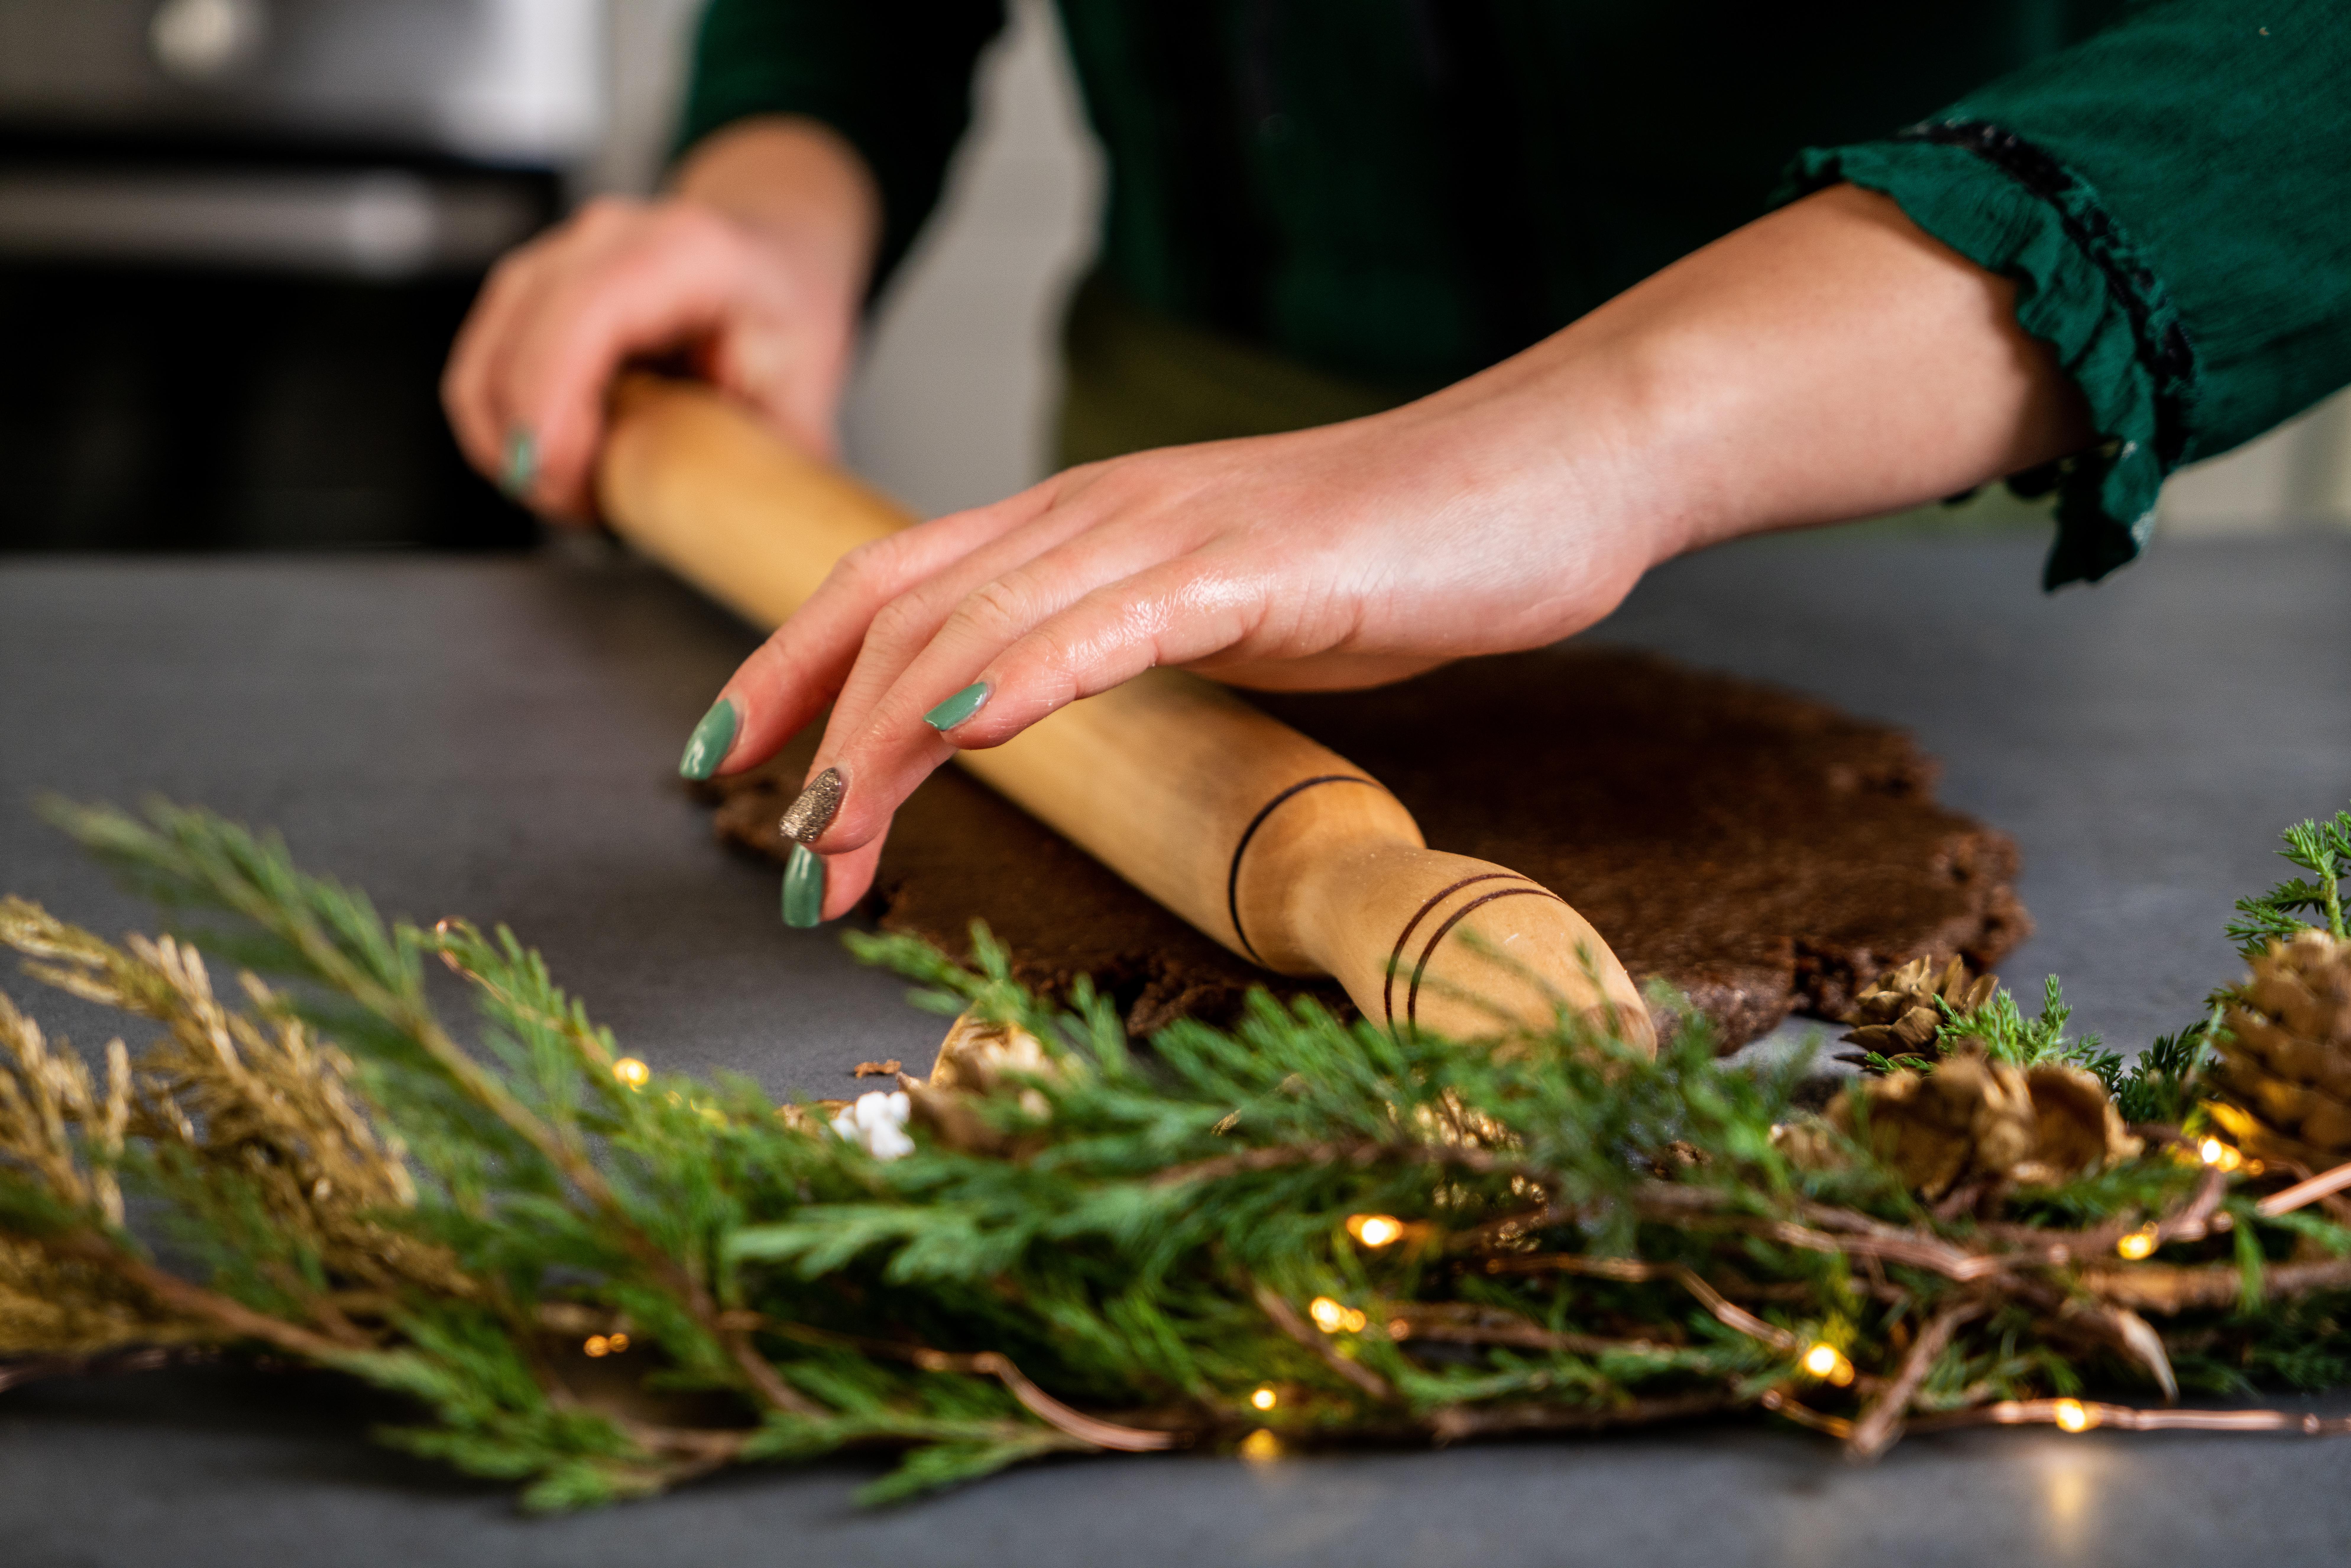 masa de galletas con jengibre, estirar masa para hacer cookies navideños ricos y saludables, recetas de dulces de navidad típicos